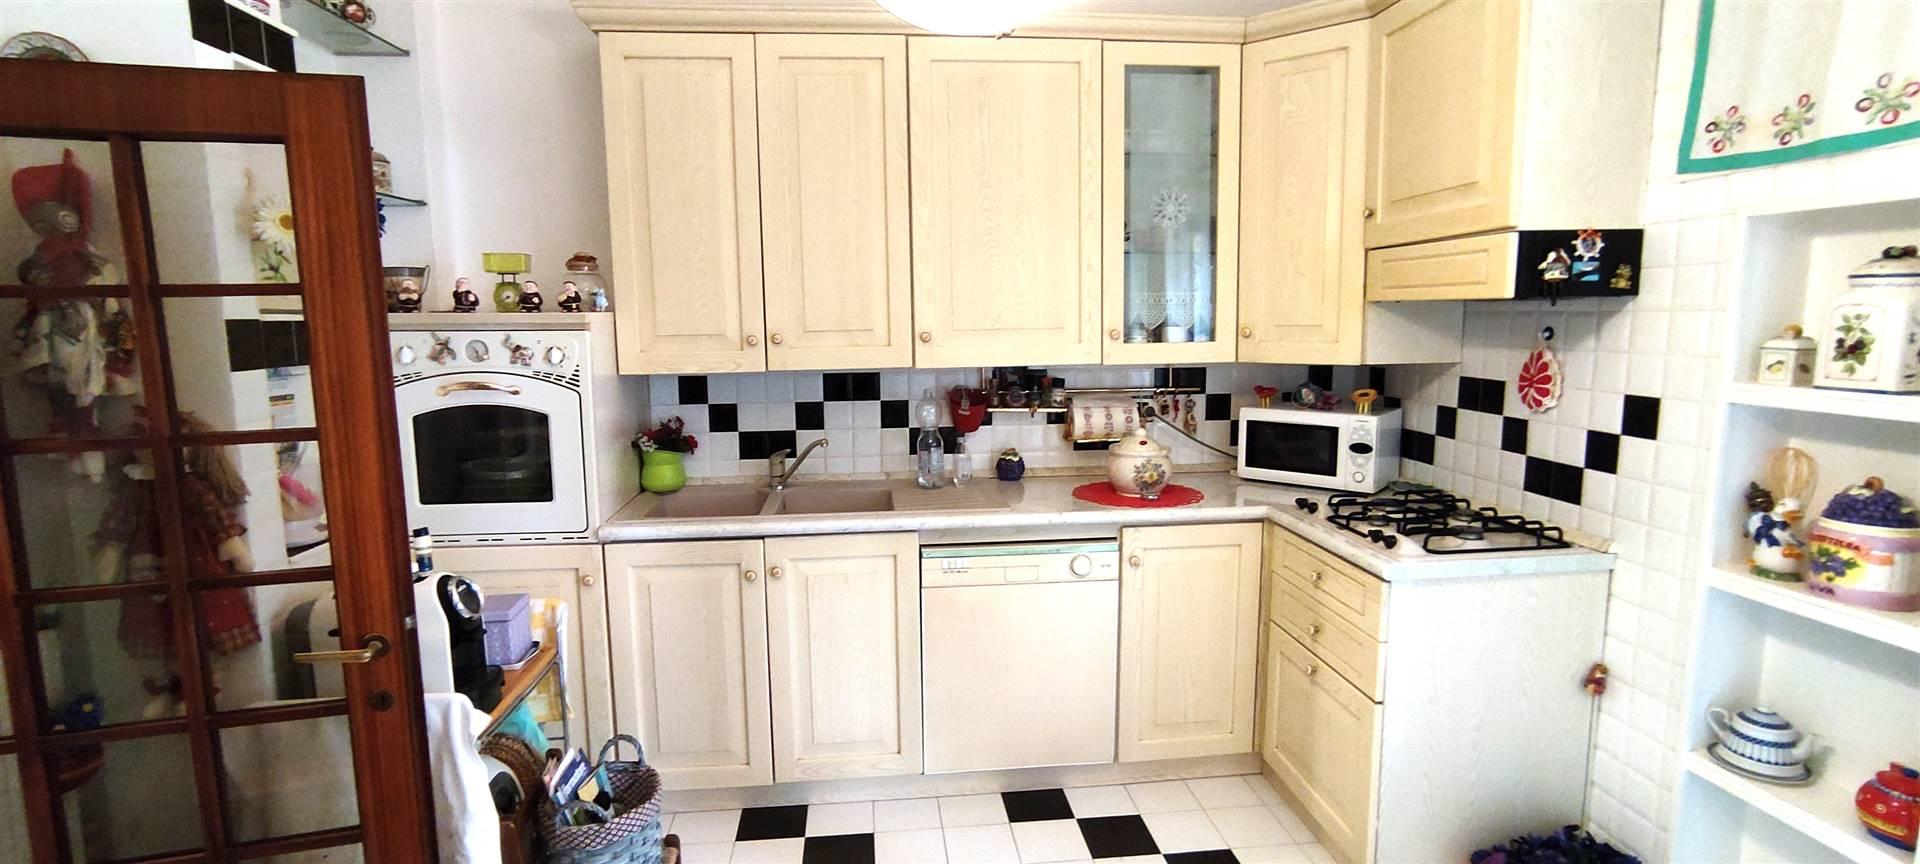 Cucina (dettaglio)